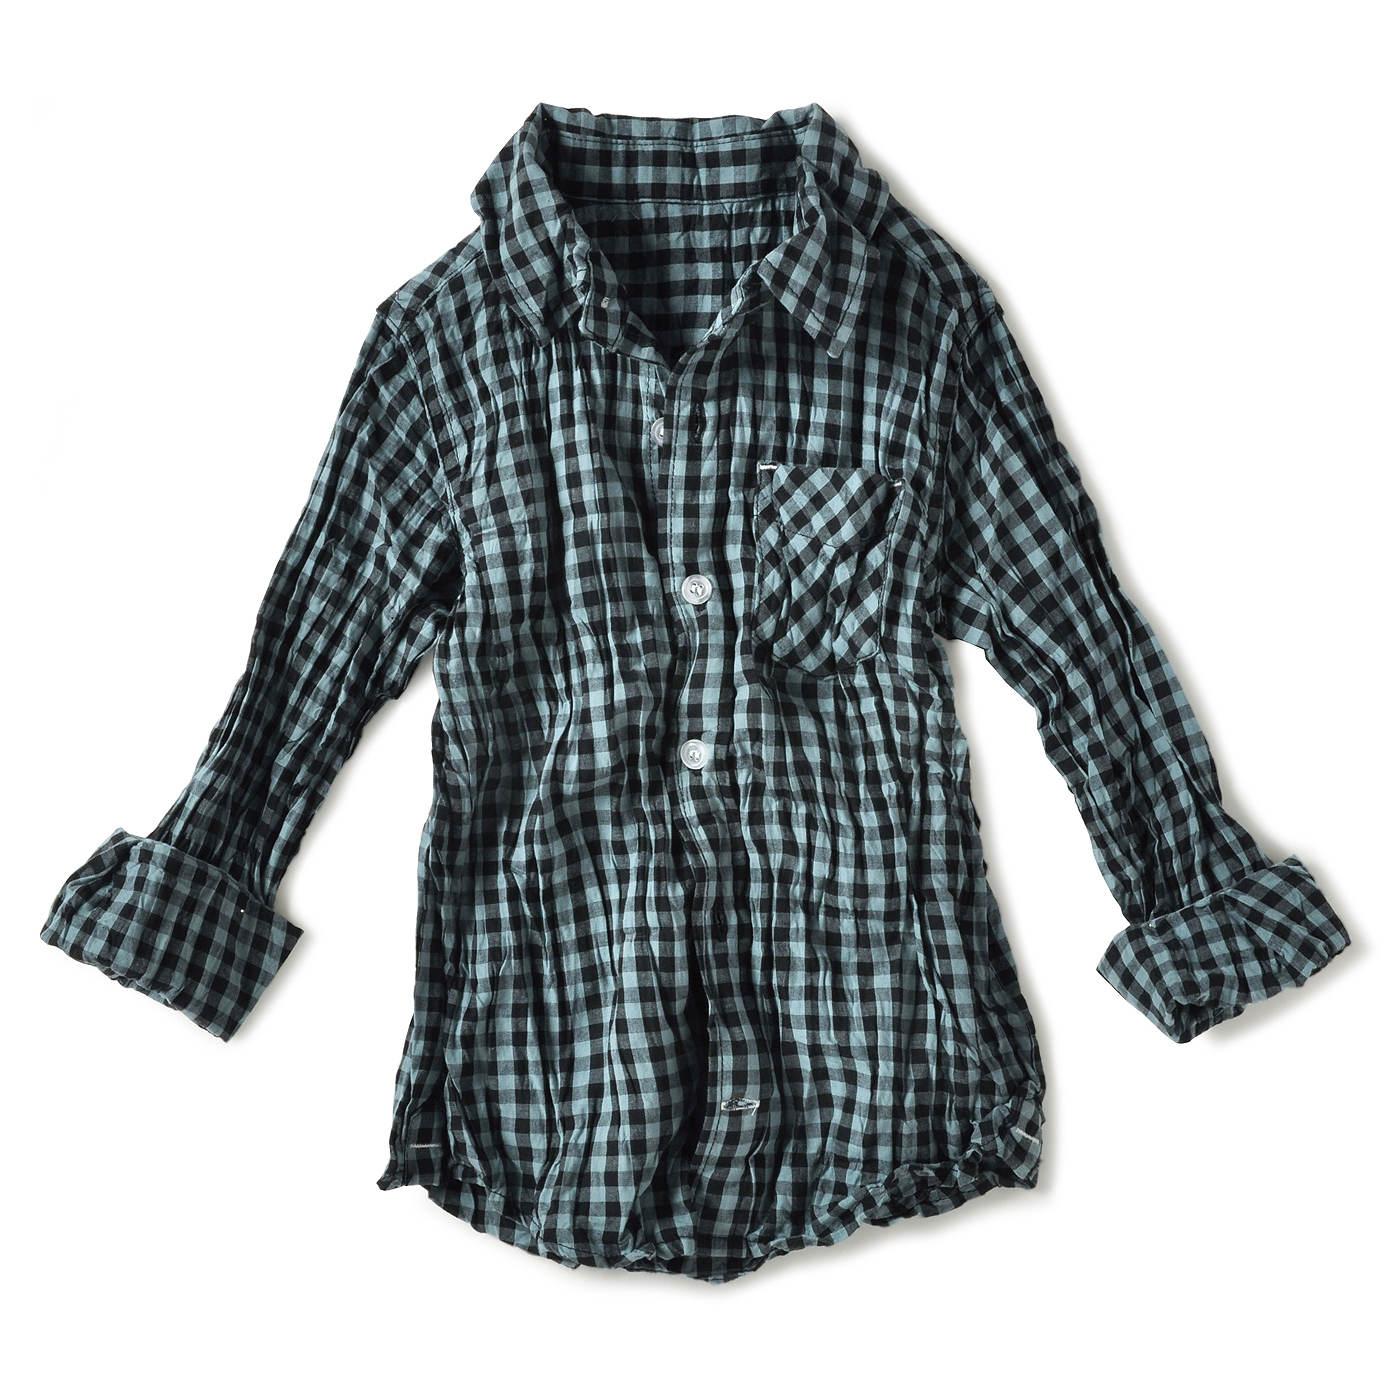 クリンクル加工がおしゃれなUVチェックシャツ〈キッズ〉(ブルーグリーン×ブラック)